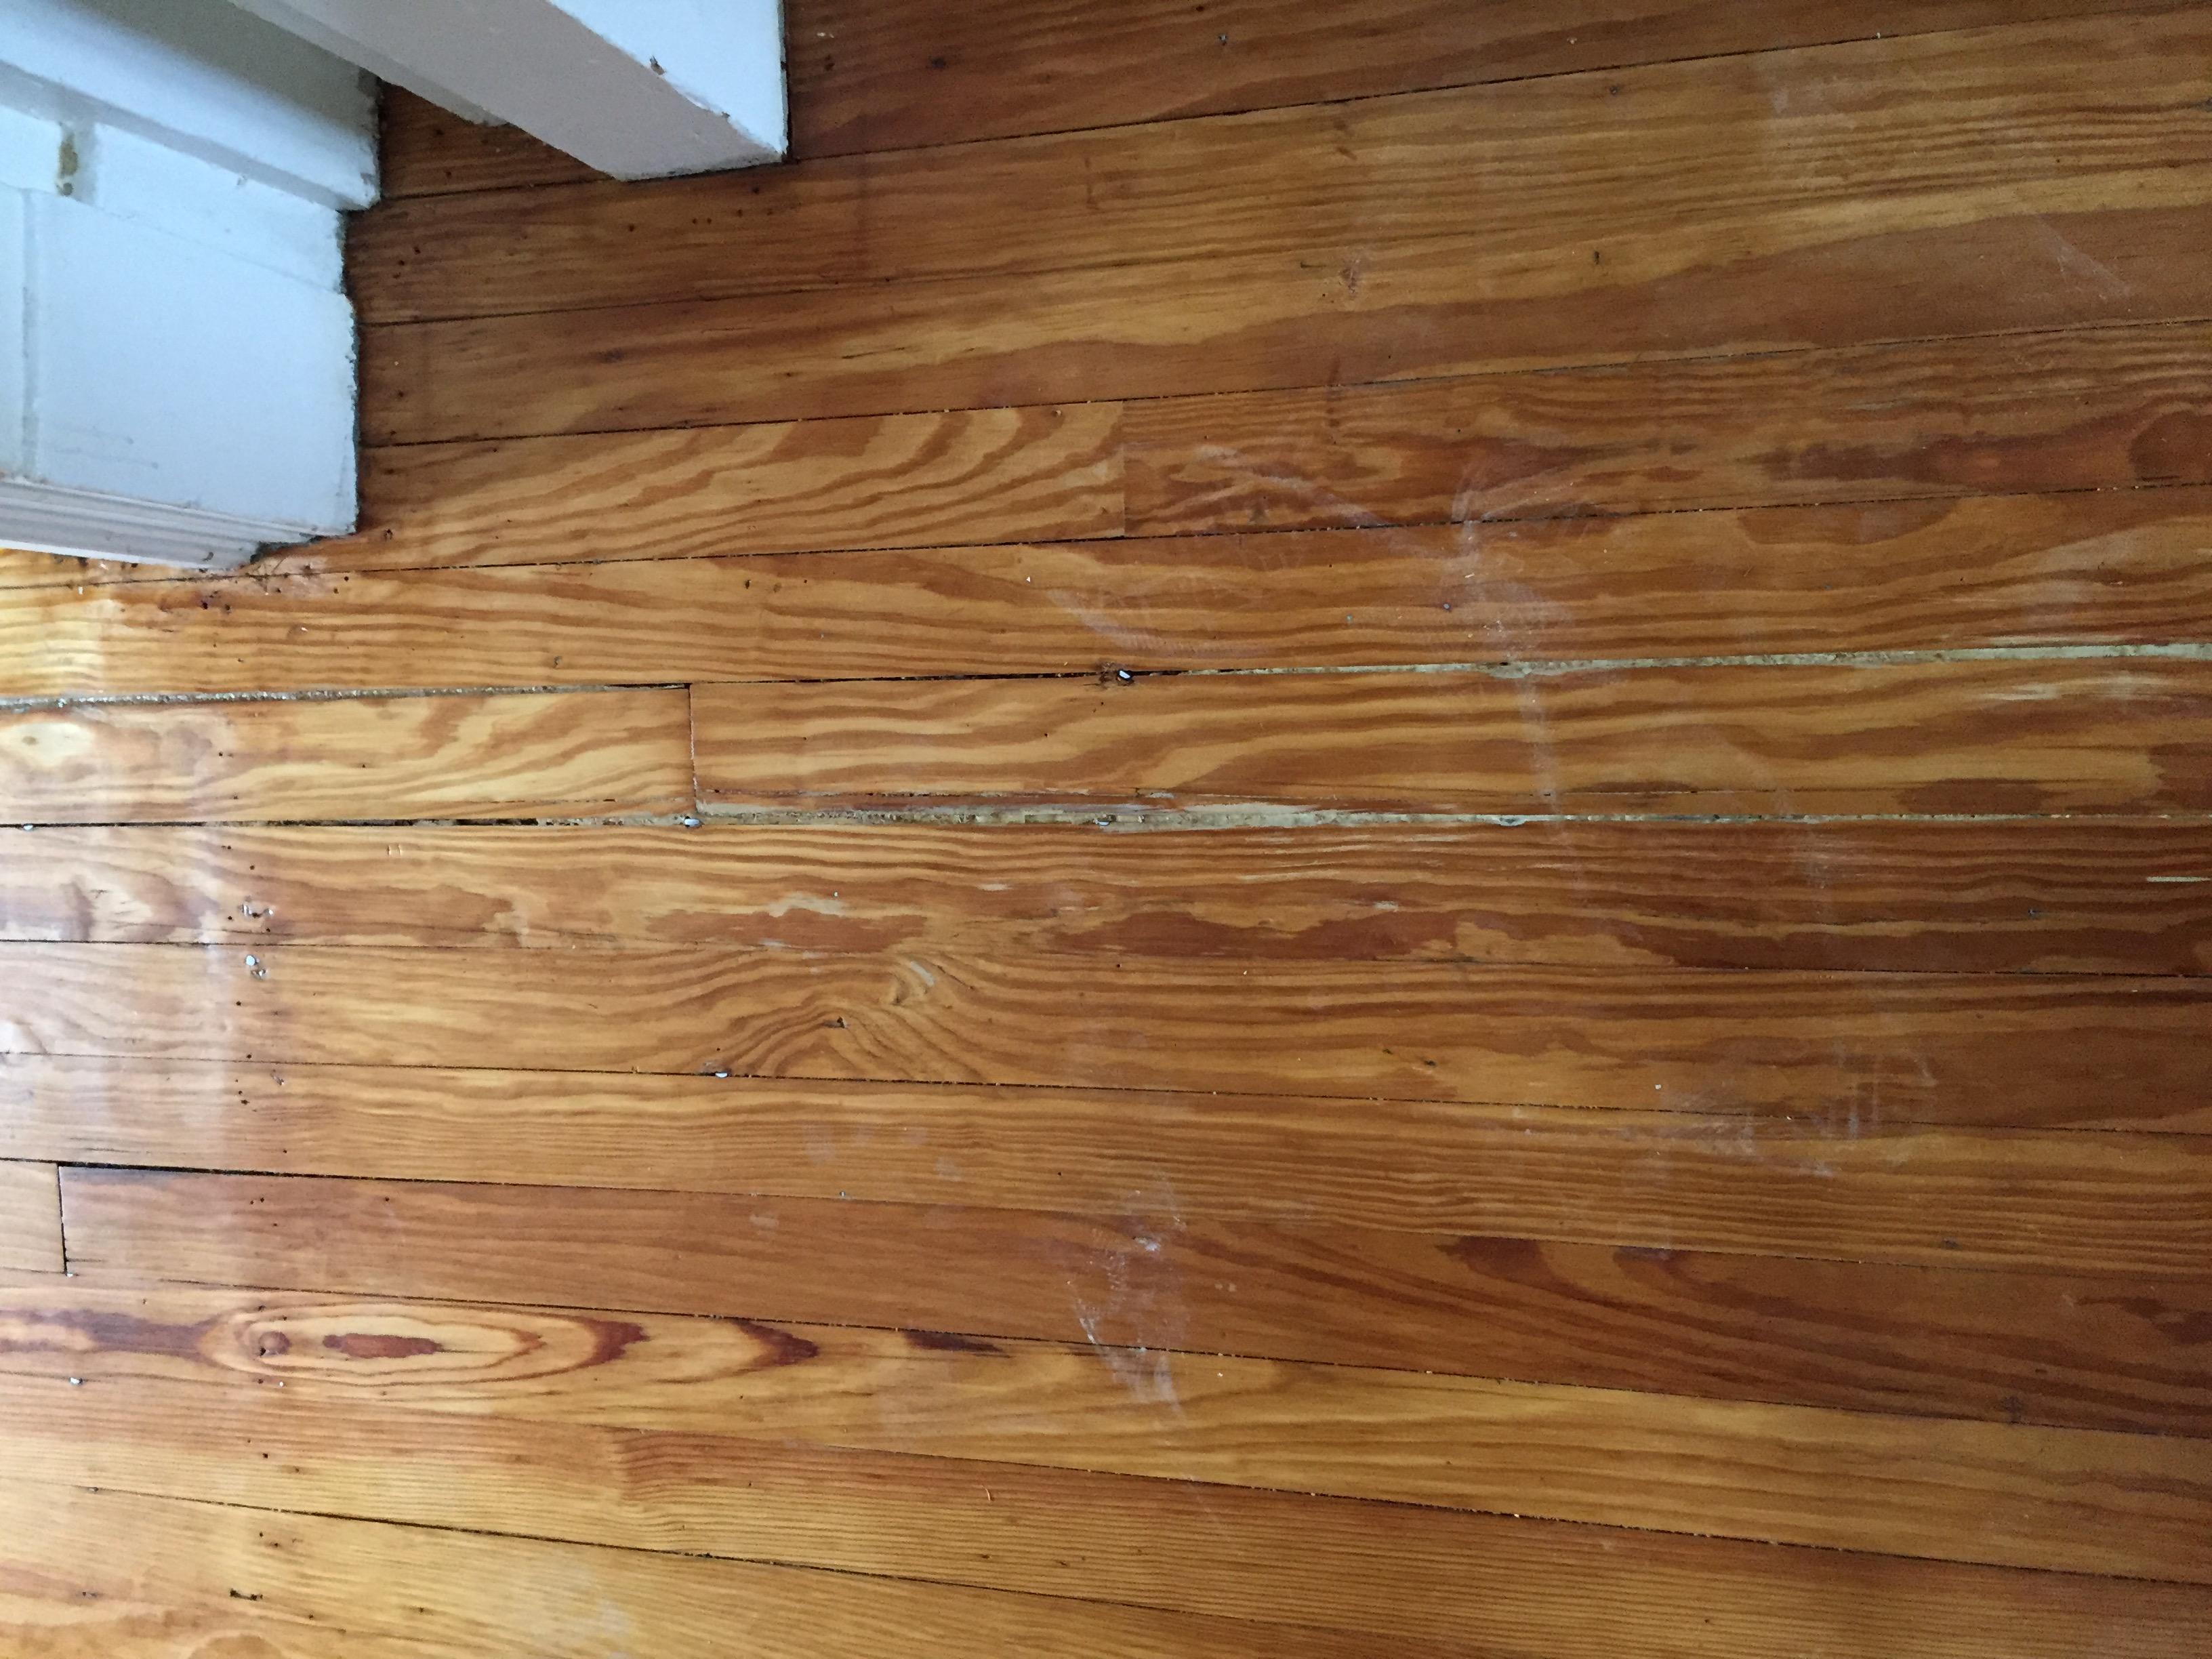 pine hardwood flooring help how to repair these pine hardwood floor 100years old!!-img_7842.jpg QJPUPYZ